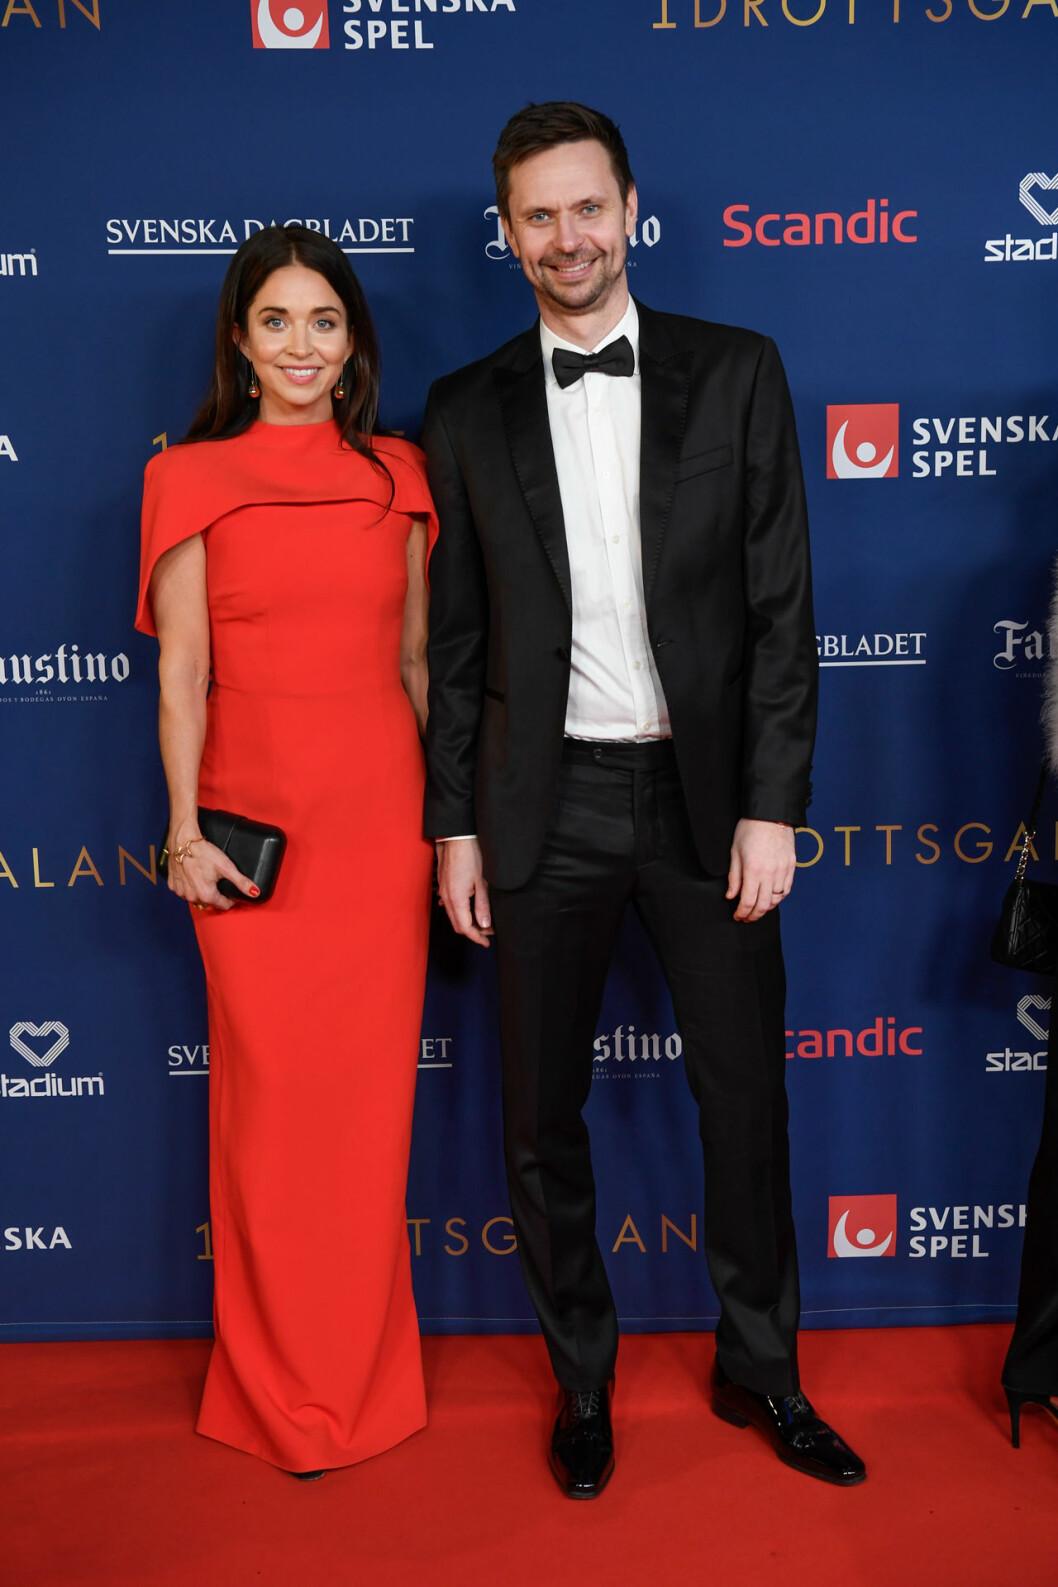 Robin Söderling och Jenni Moström på röda mattan på Idrottsgalan 2020